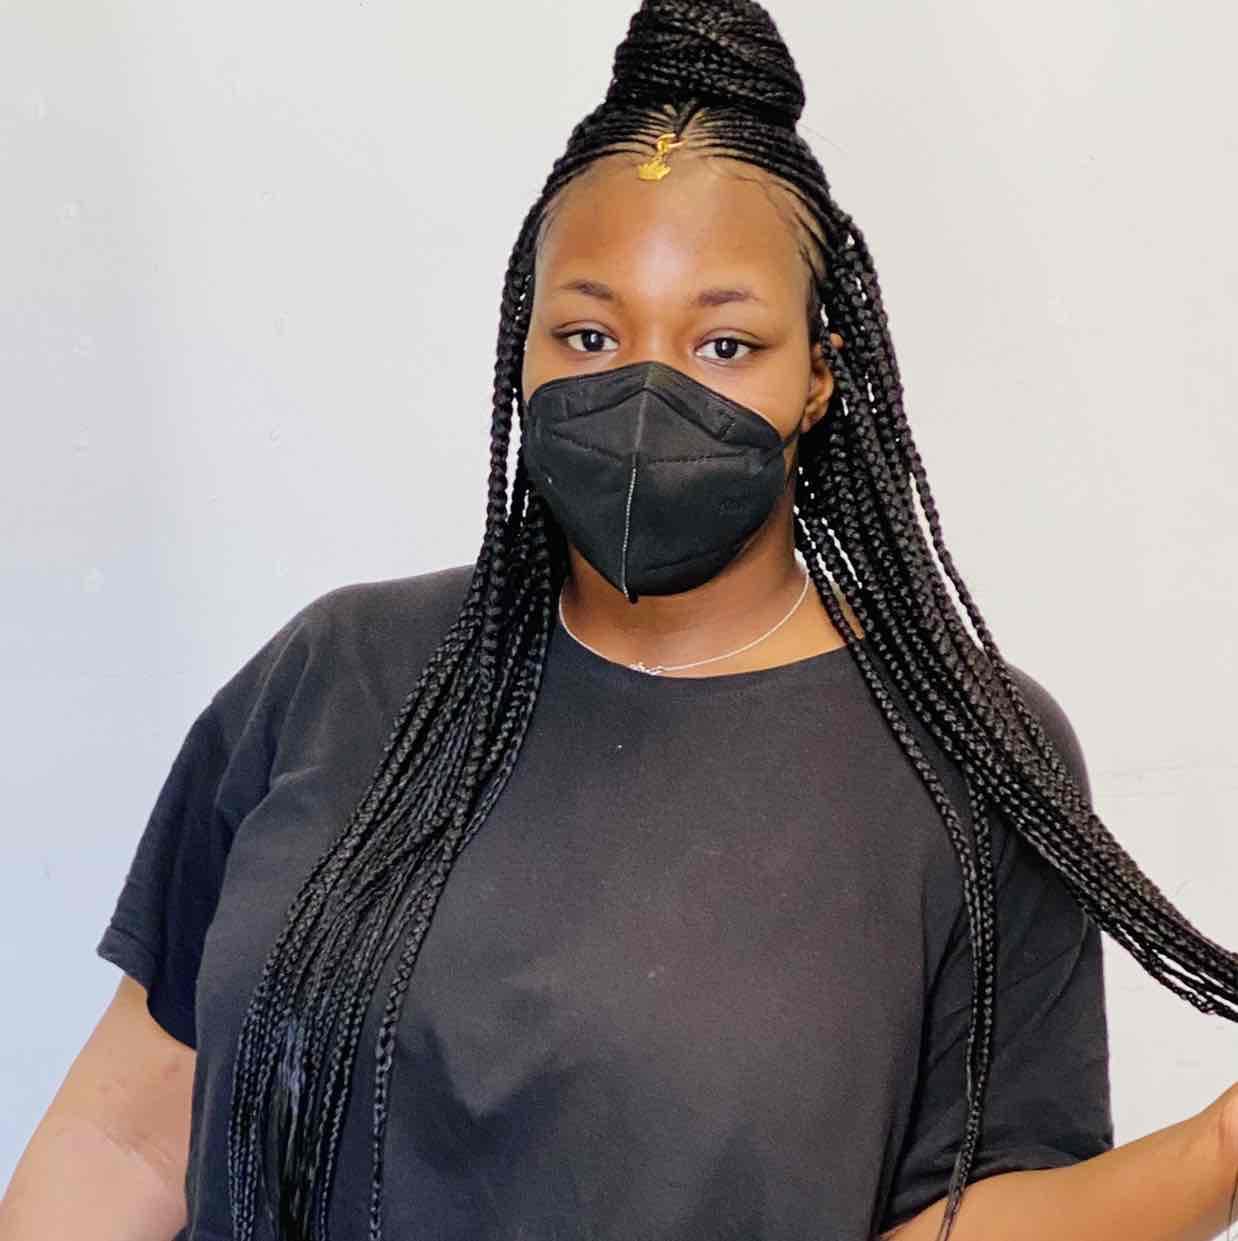 salon de coiffure afro tresse tresses box braids crochet braids vanilles tissages paris 75 77 78 91 92 93 94 95 FDSBICBQ